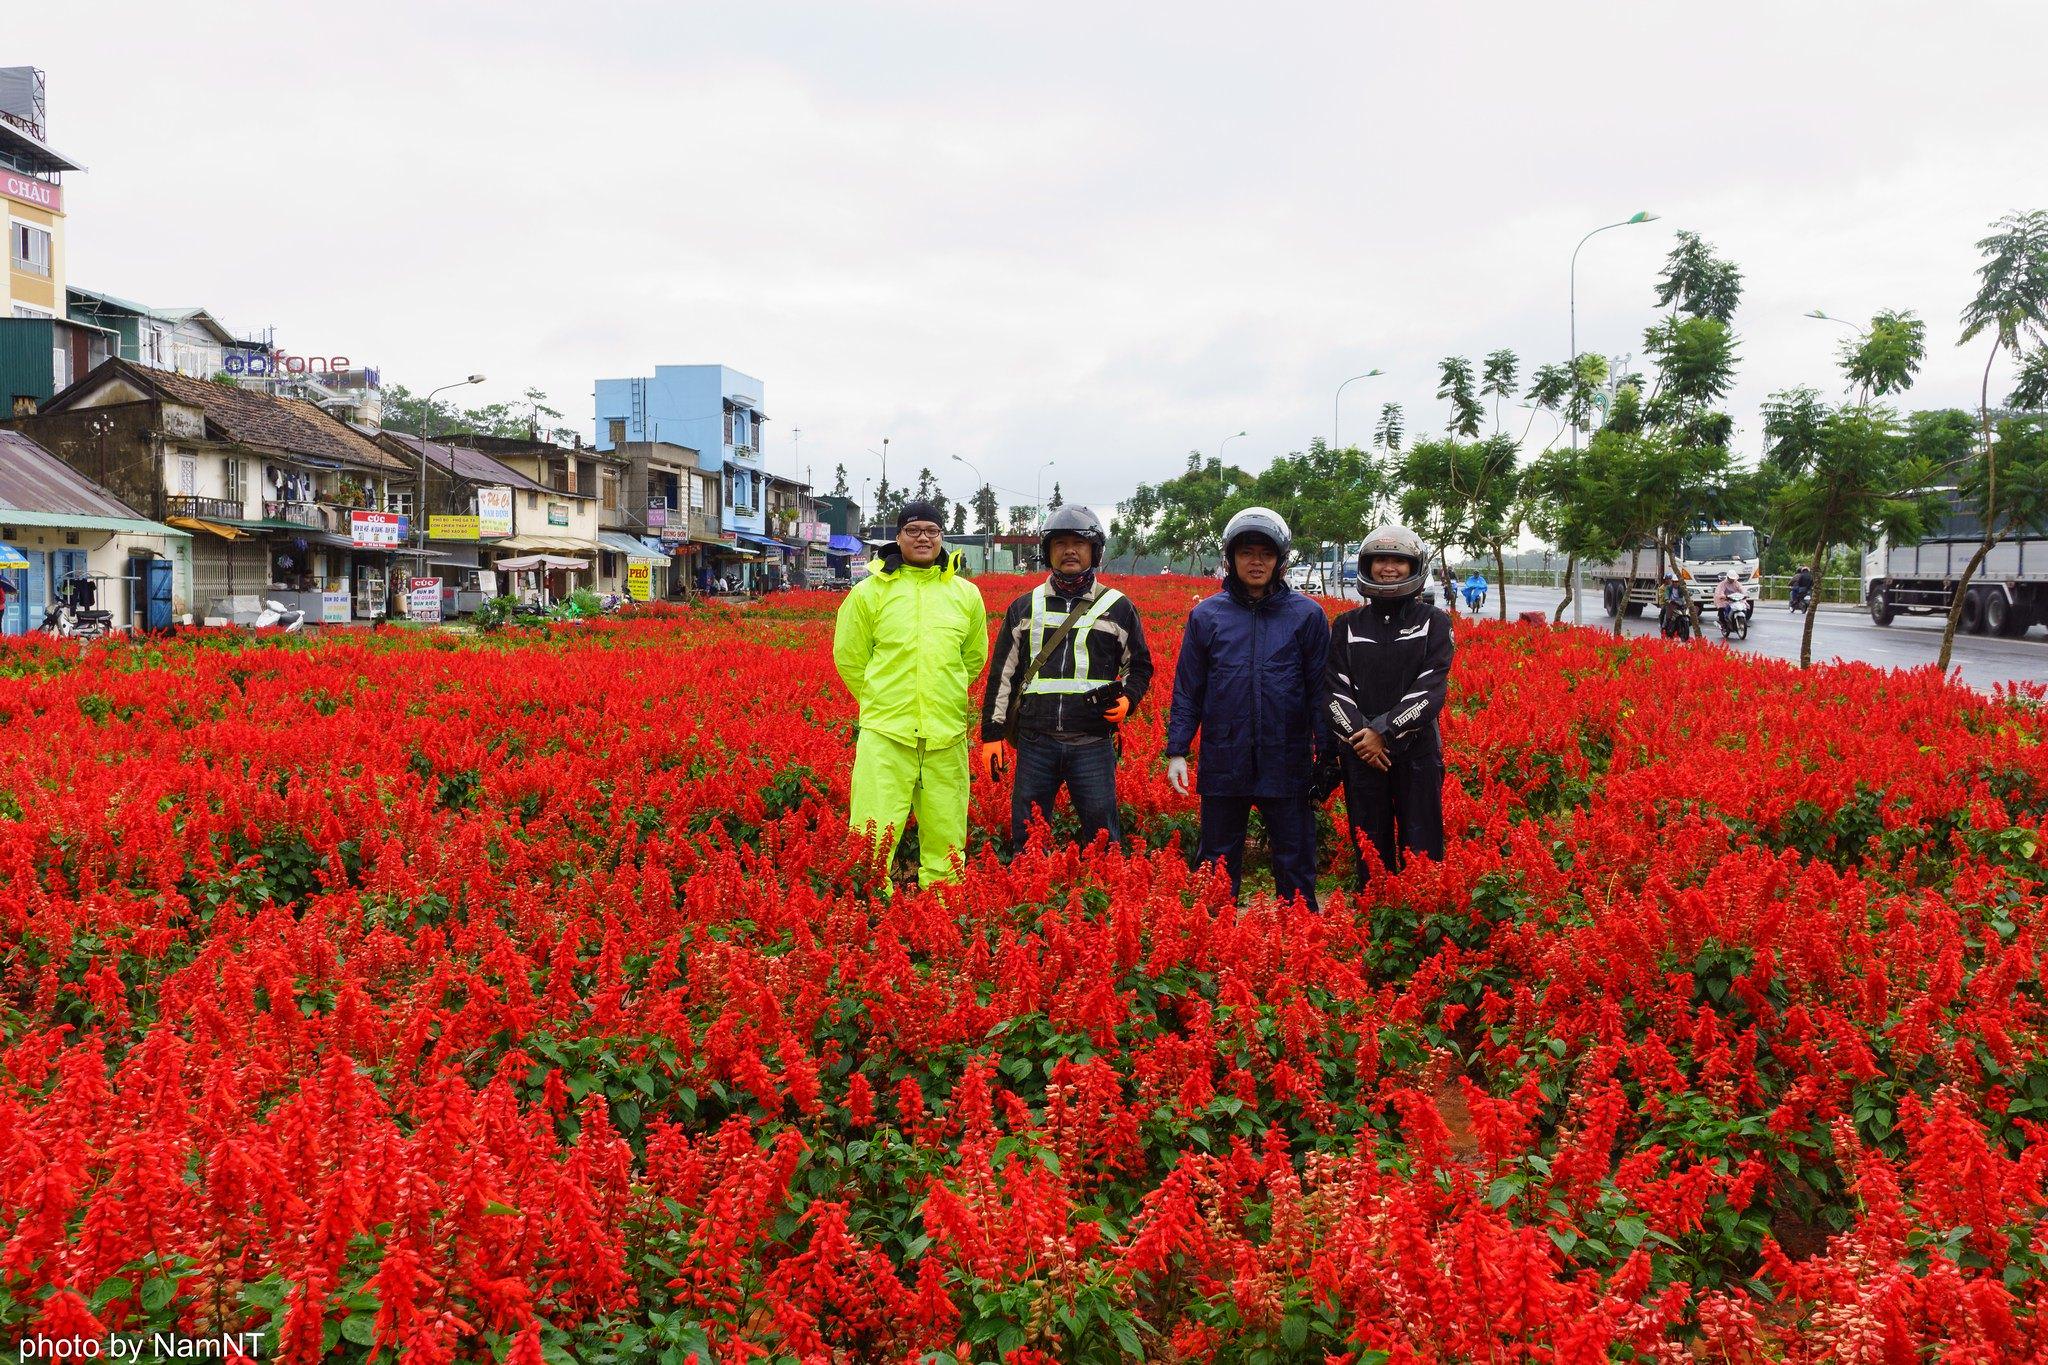 18926322483 c57f39c123 k - [Phượt] - SG-Cổ Thạch- Nha Trang- Đà Lạt: ngàn dặm mua hạt é cho người thương